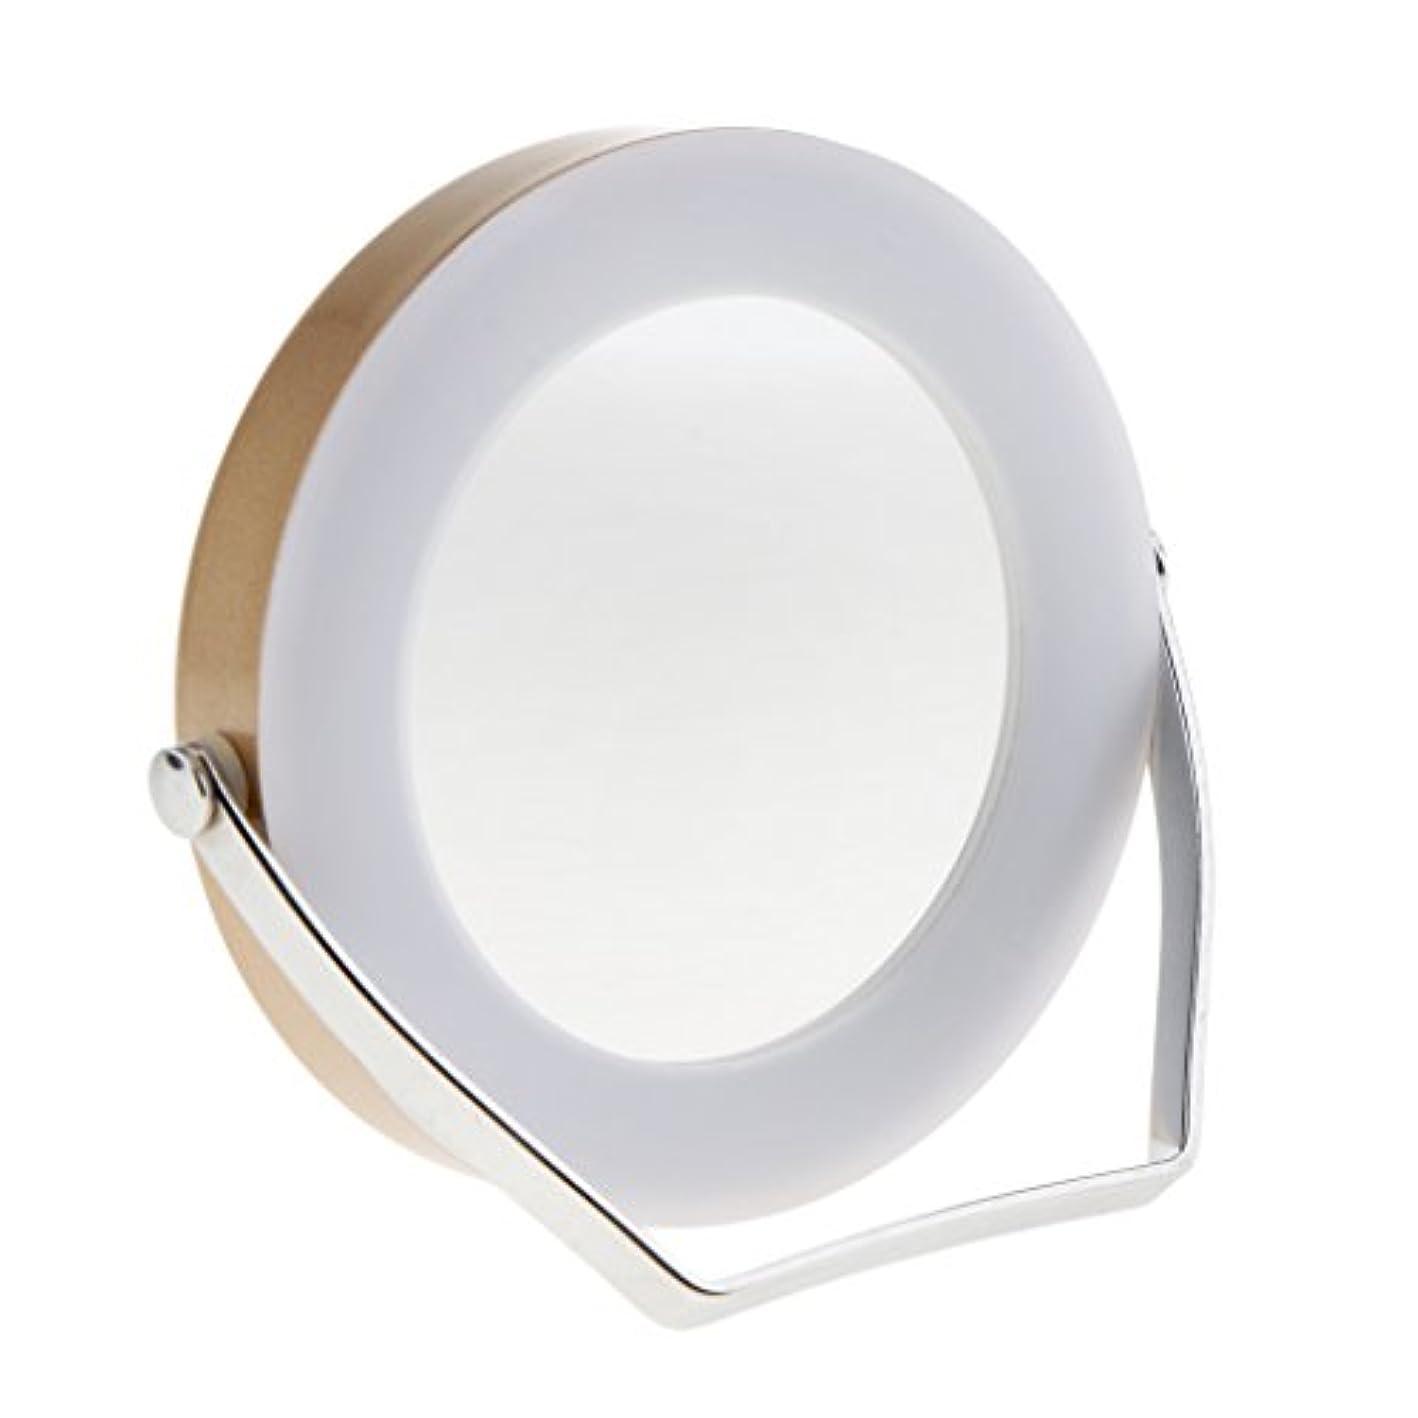 起訴する爆発する抵抗するLEDミラー LEDライトタッチ鏡 化粧鏡 メイクアップ 3倍拡大鏡 360度回転 2色選べる - ゴールド